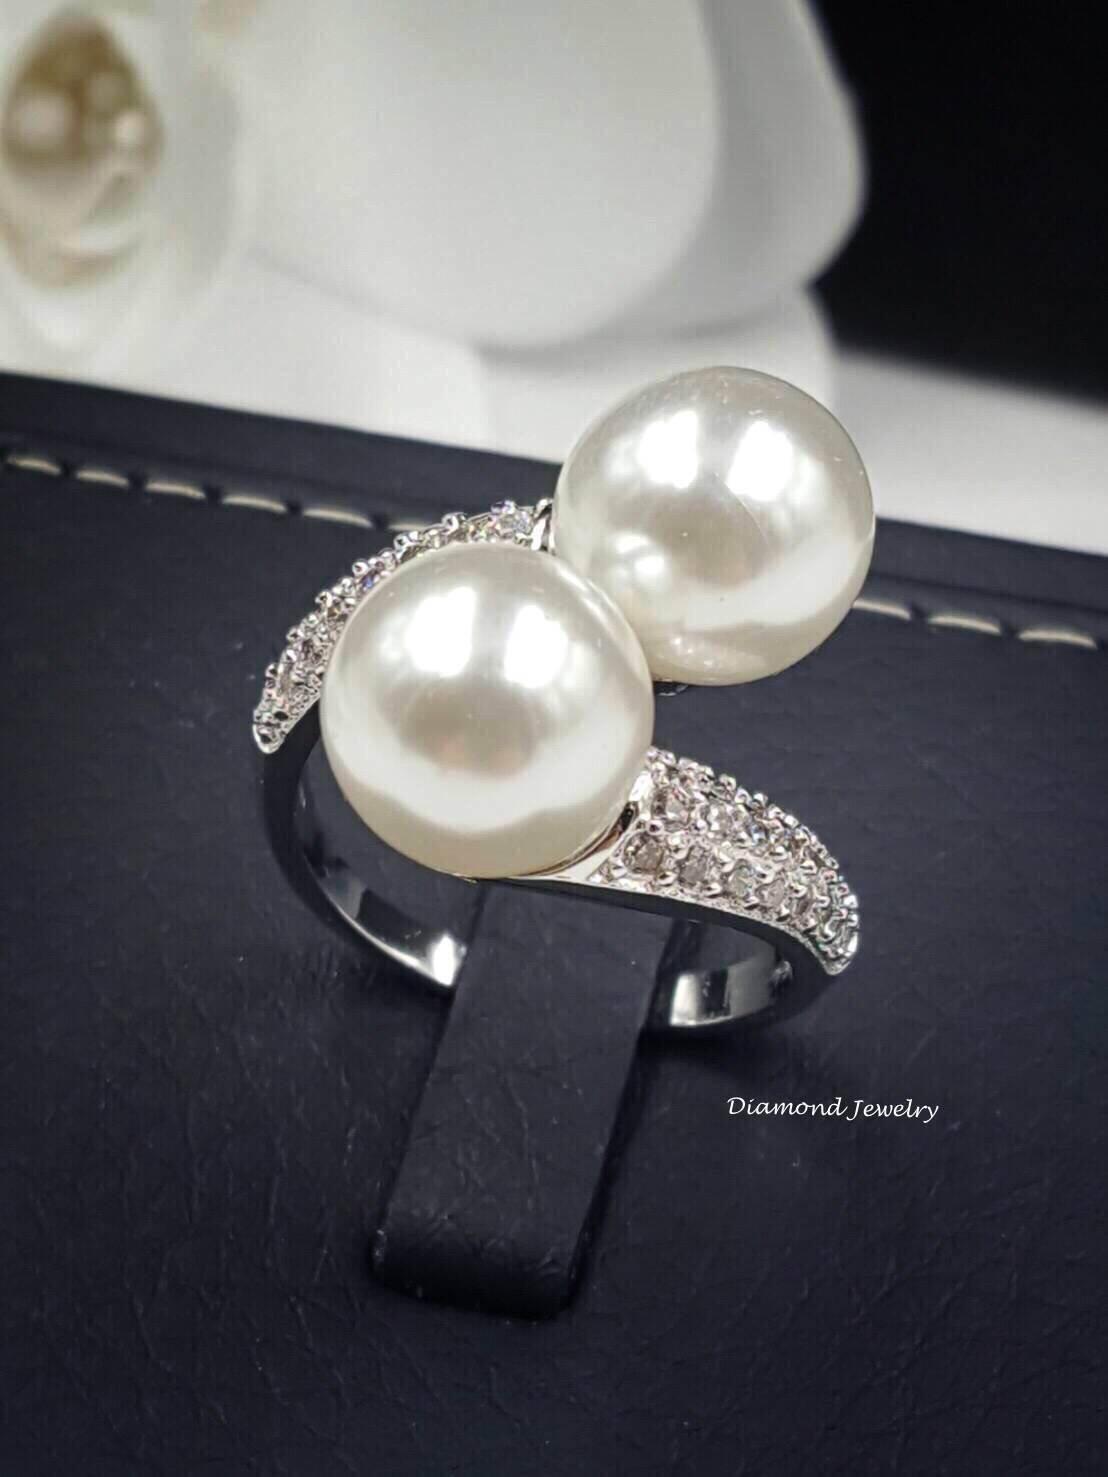 พร้อมส่ง Pearl Diamond Ring งานเพชร CZ แท้ เพชรเกรด 6A